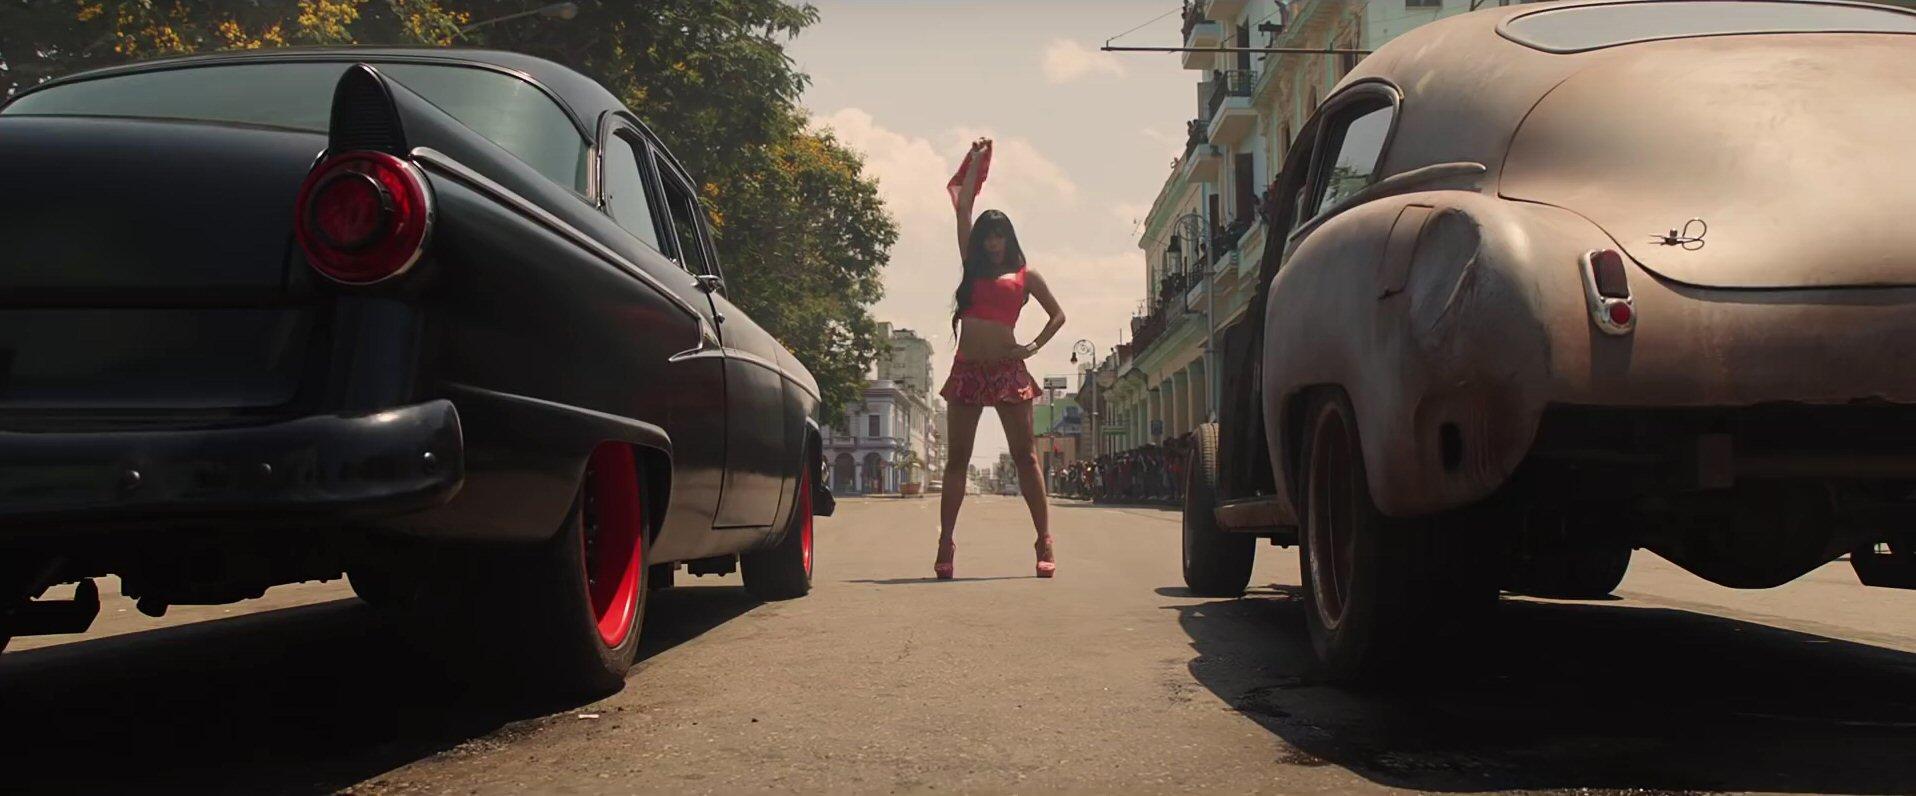 Un'immagine da Fast & Furious 8